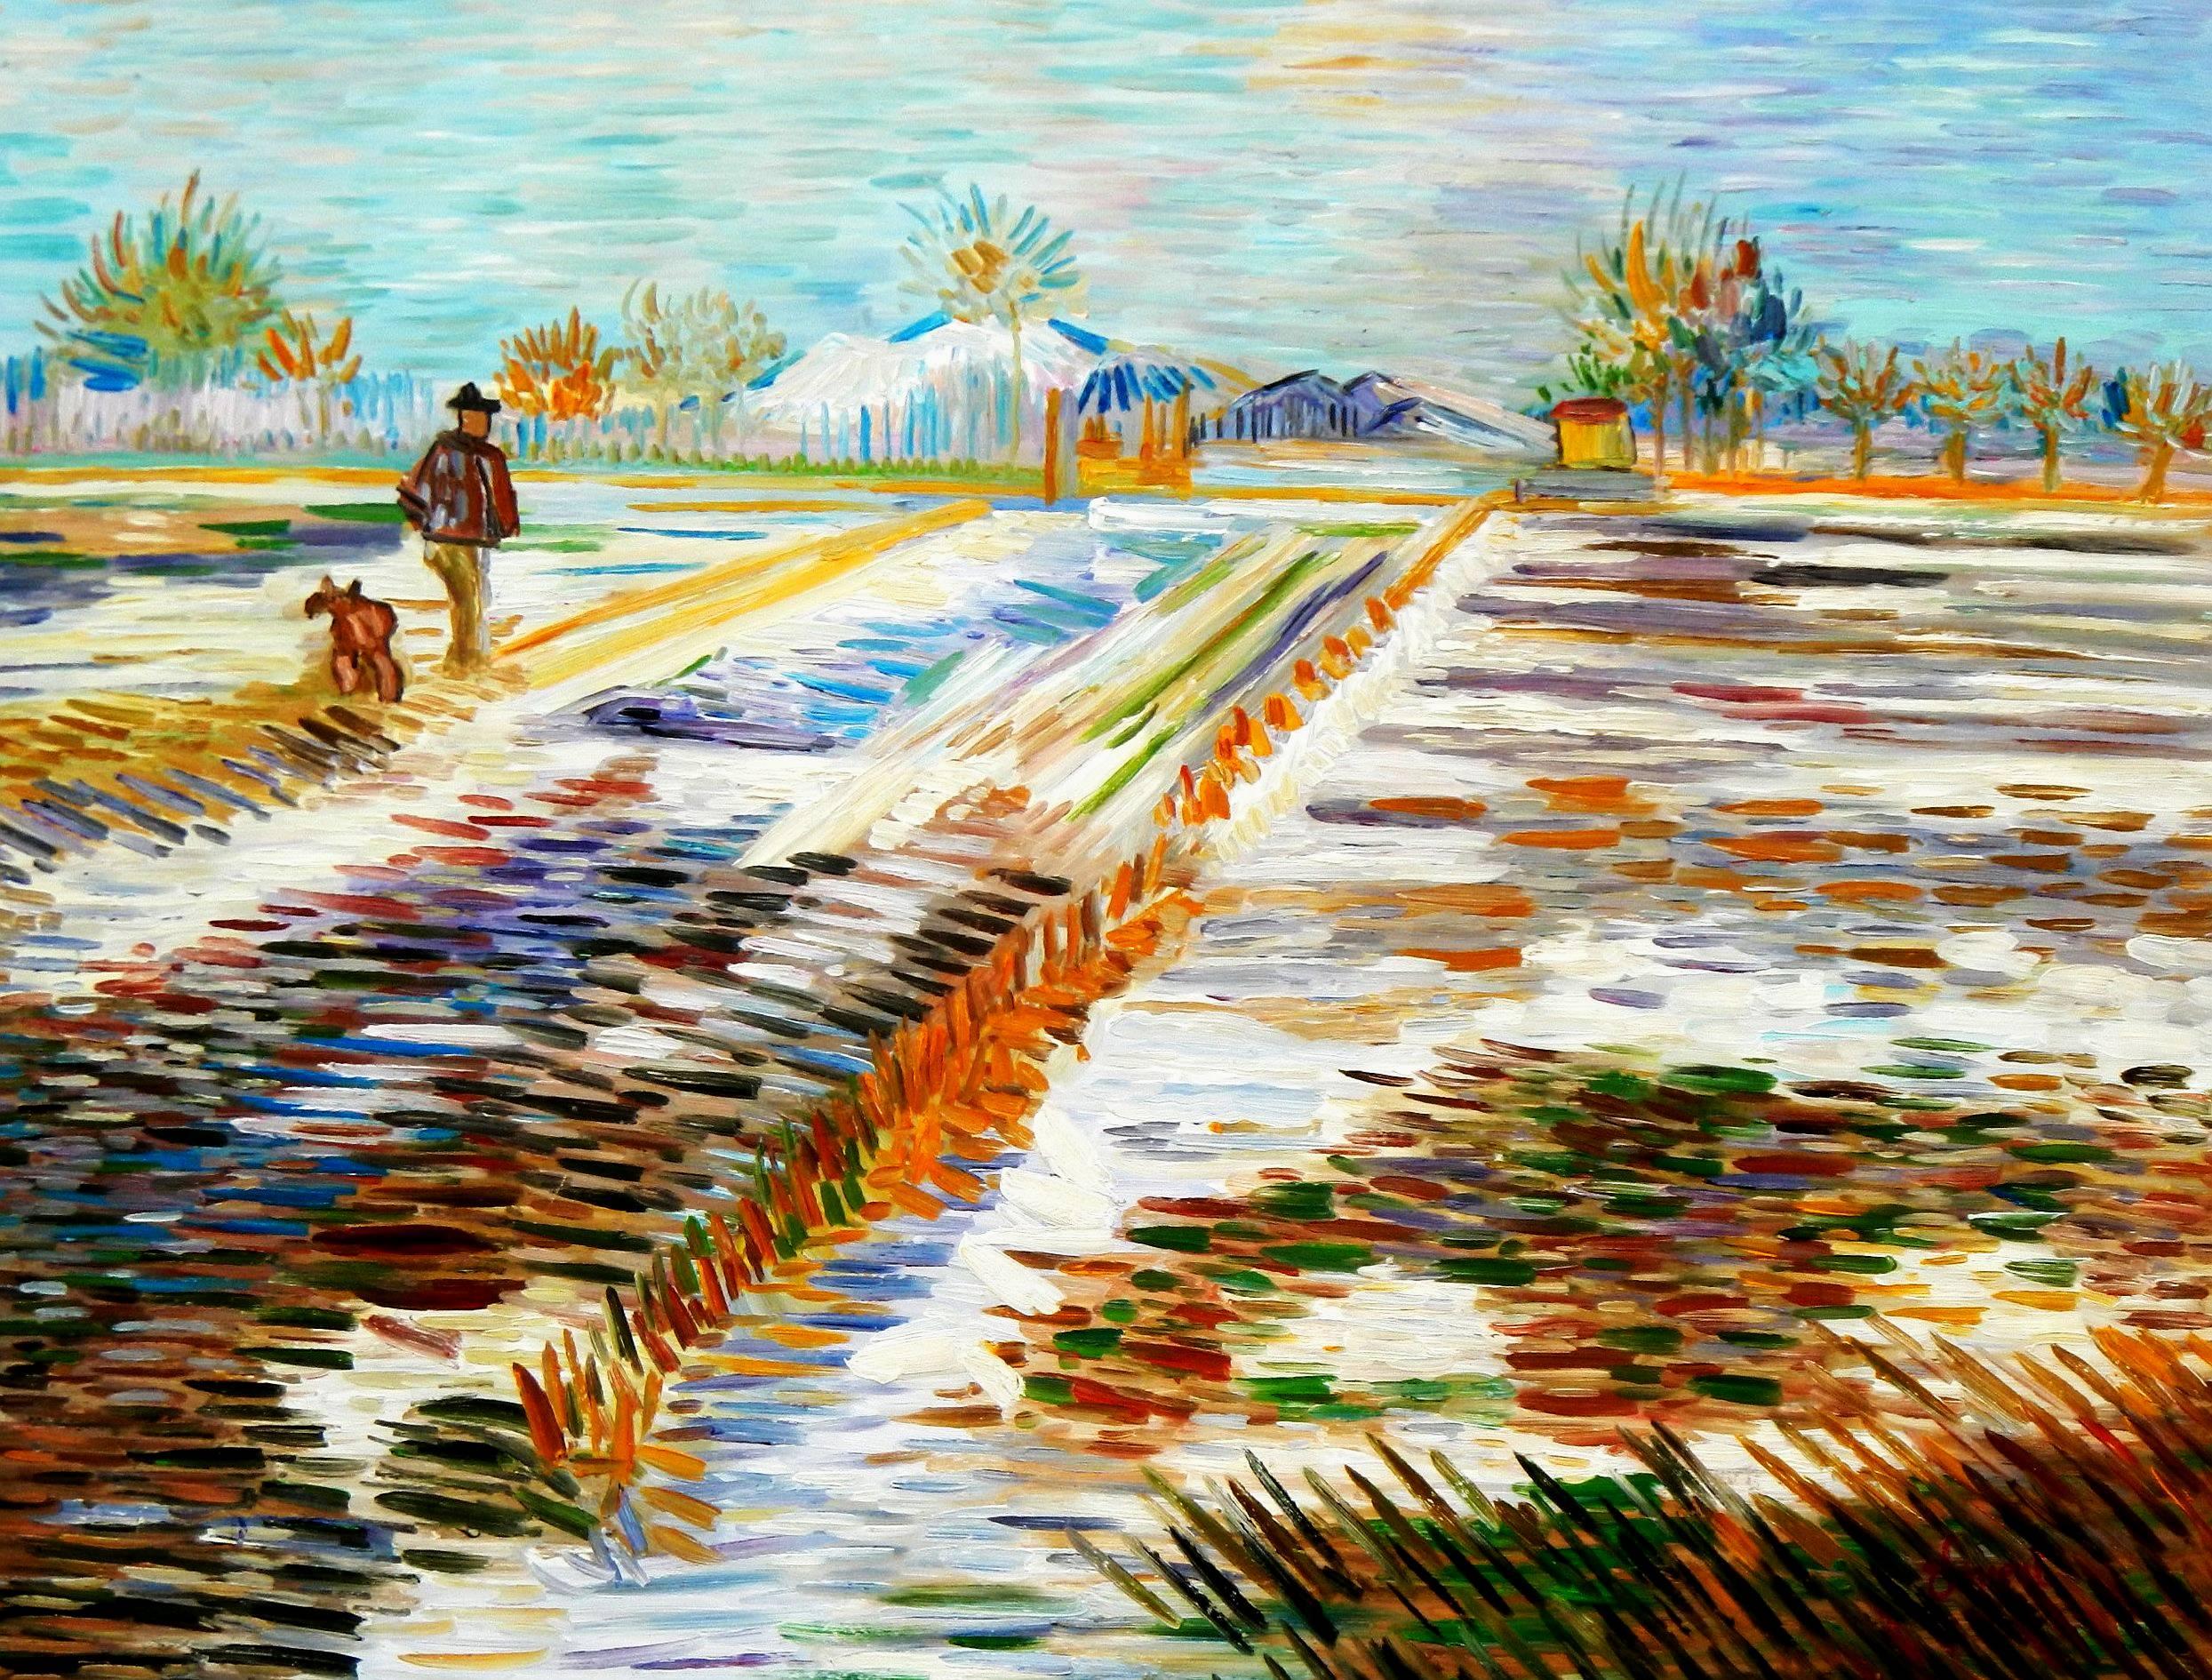 Vincent van Gogh - Landschaft mit Schnee k95003 90x120cm Ölbild handgemalt